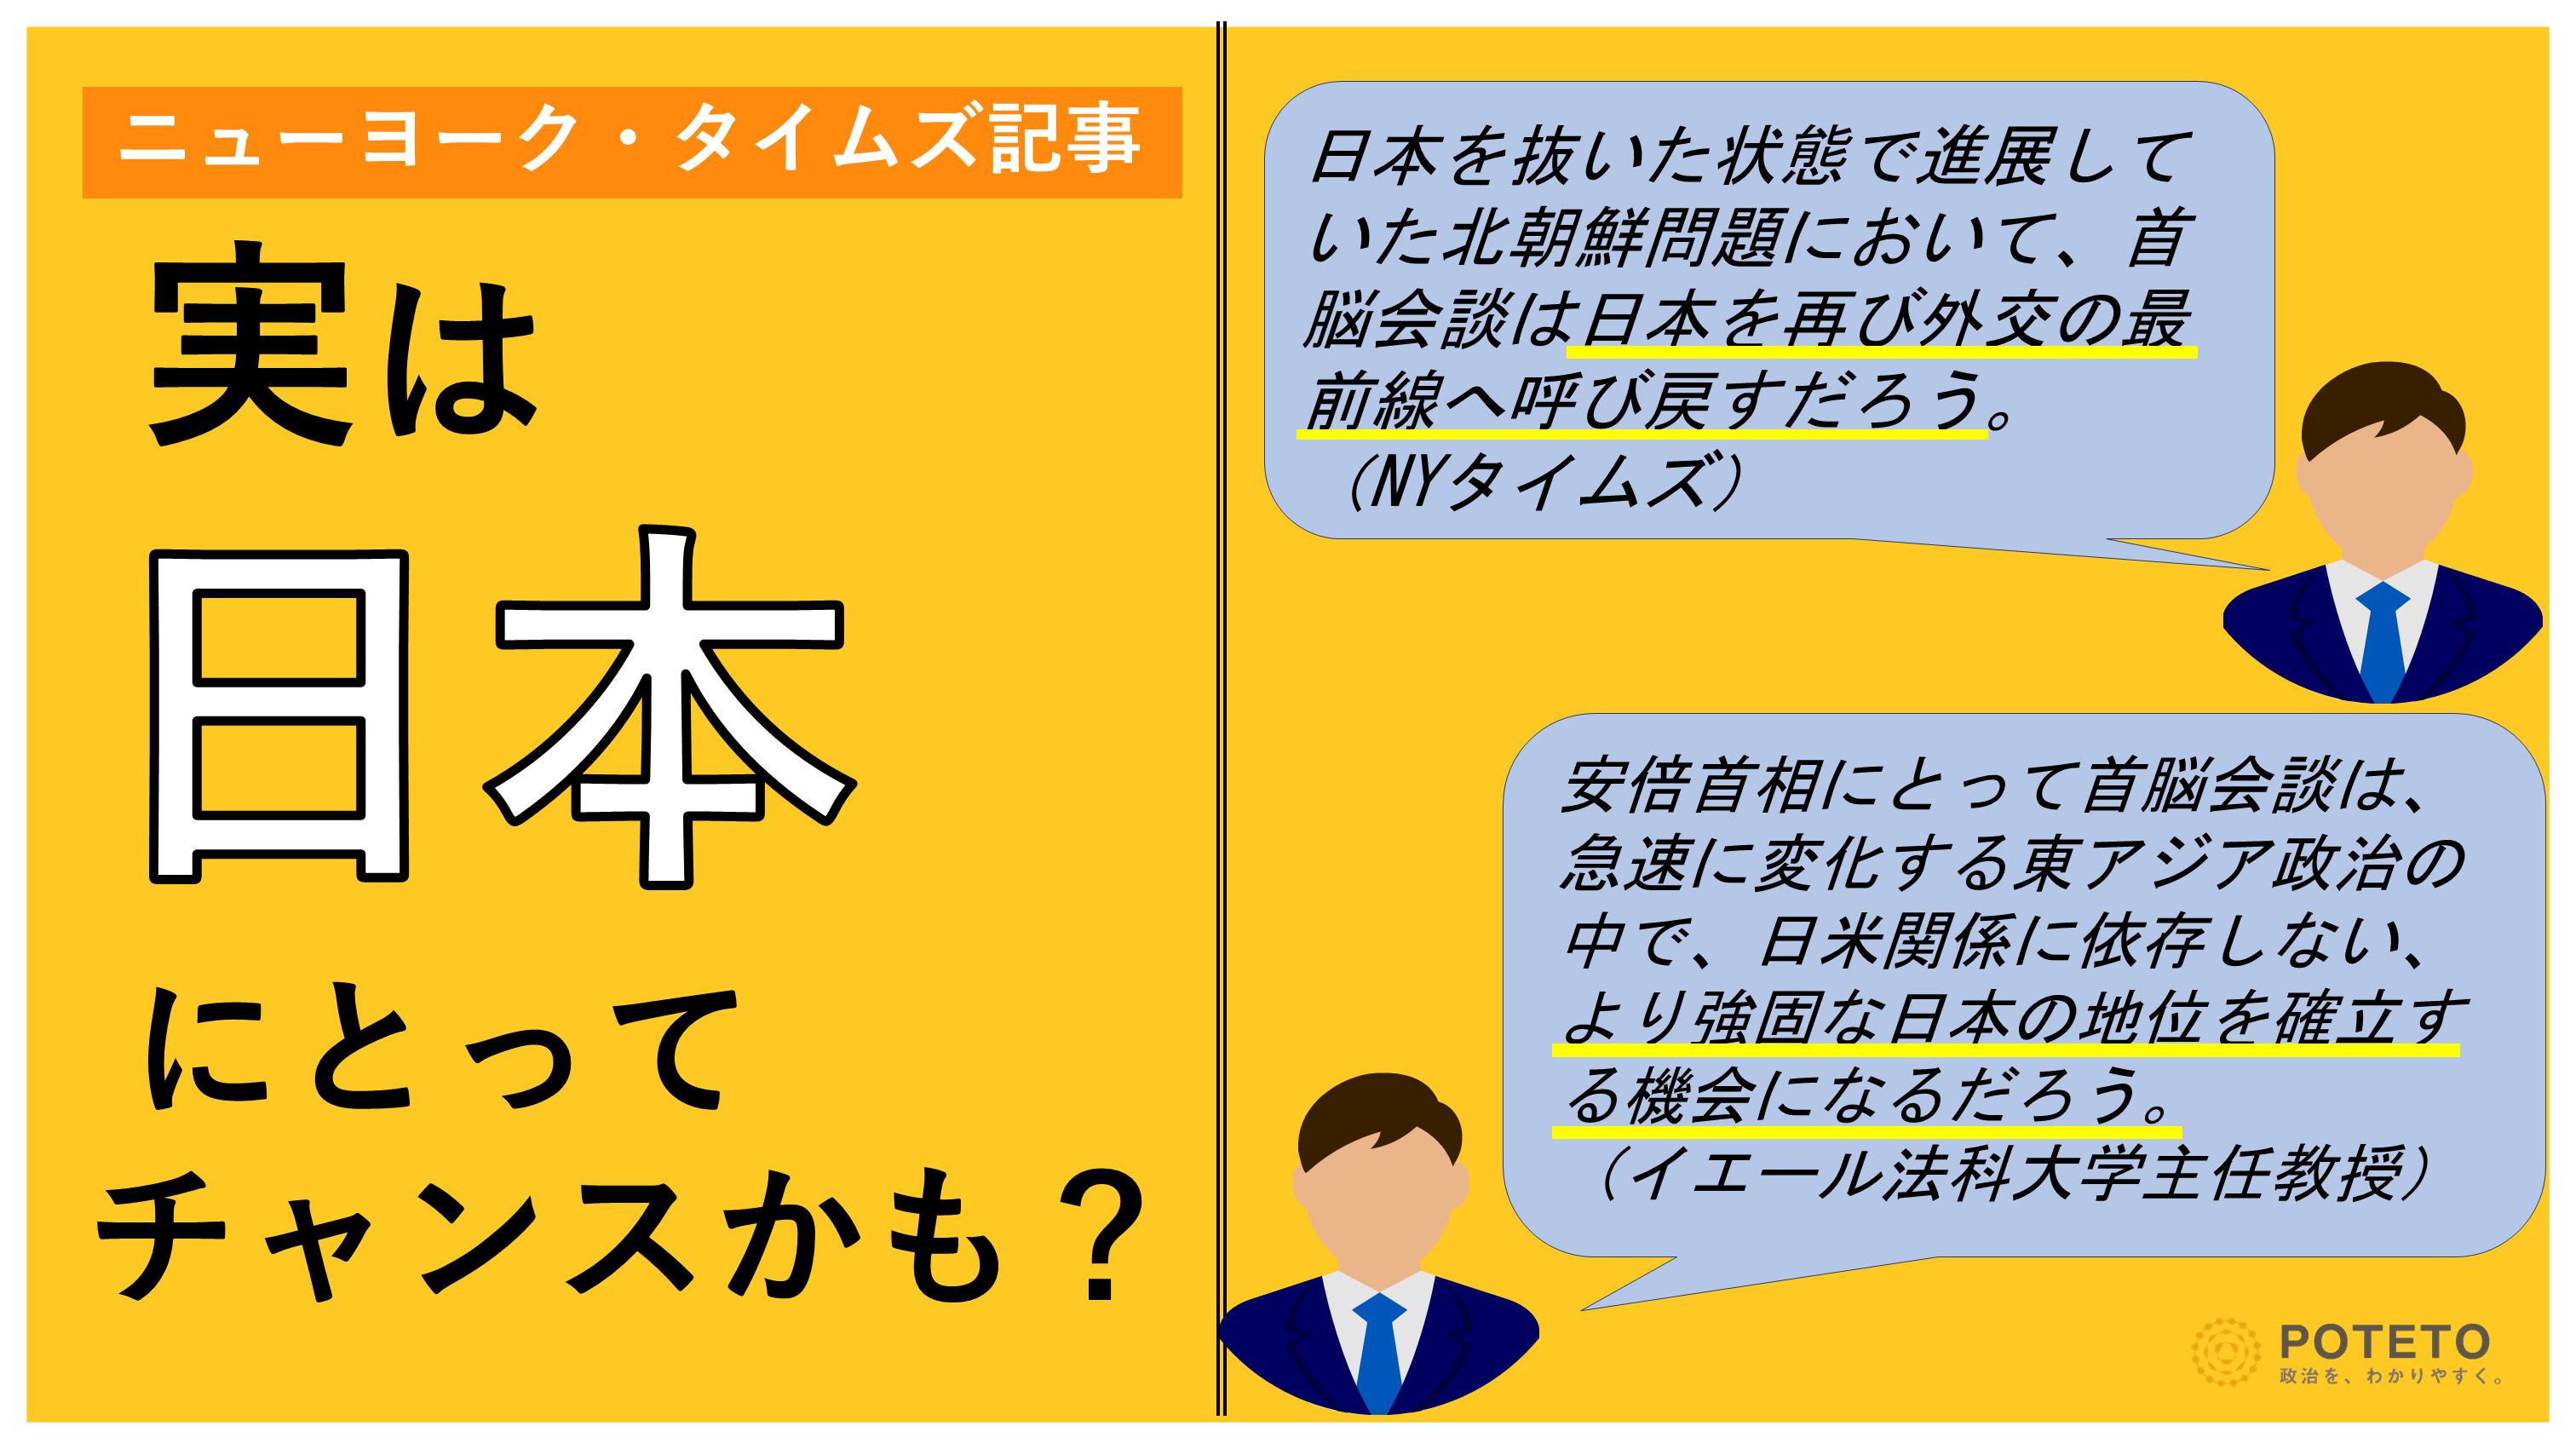 f7bfde60f3b091a115d7f6704b5345a4 - 日中韓・3カ国首脳会談<br>その意図、海外の反応、日本のメリットをザックリ解説